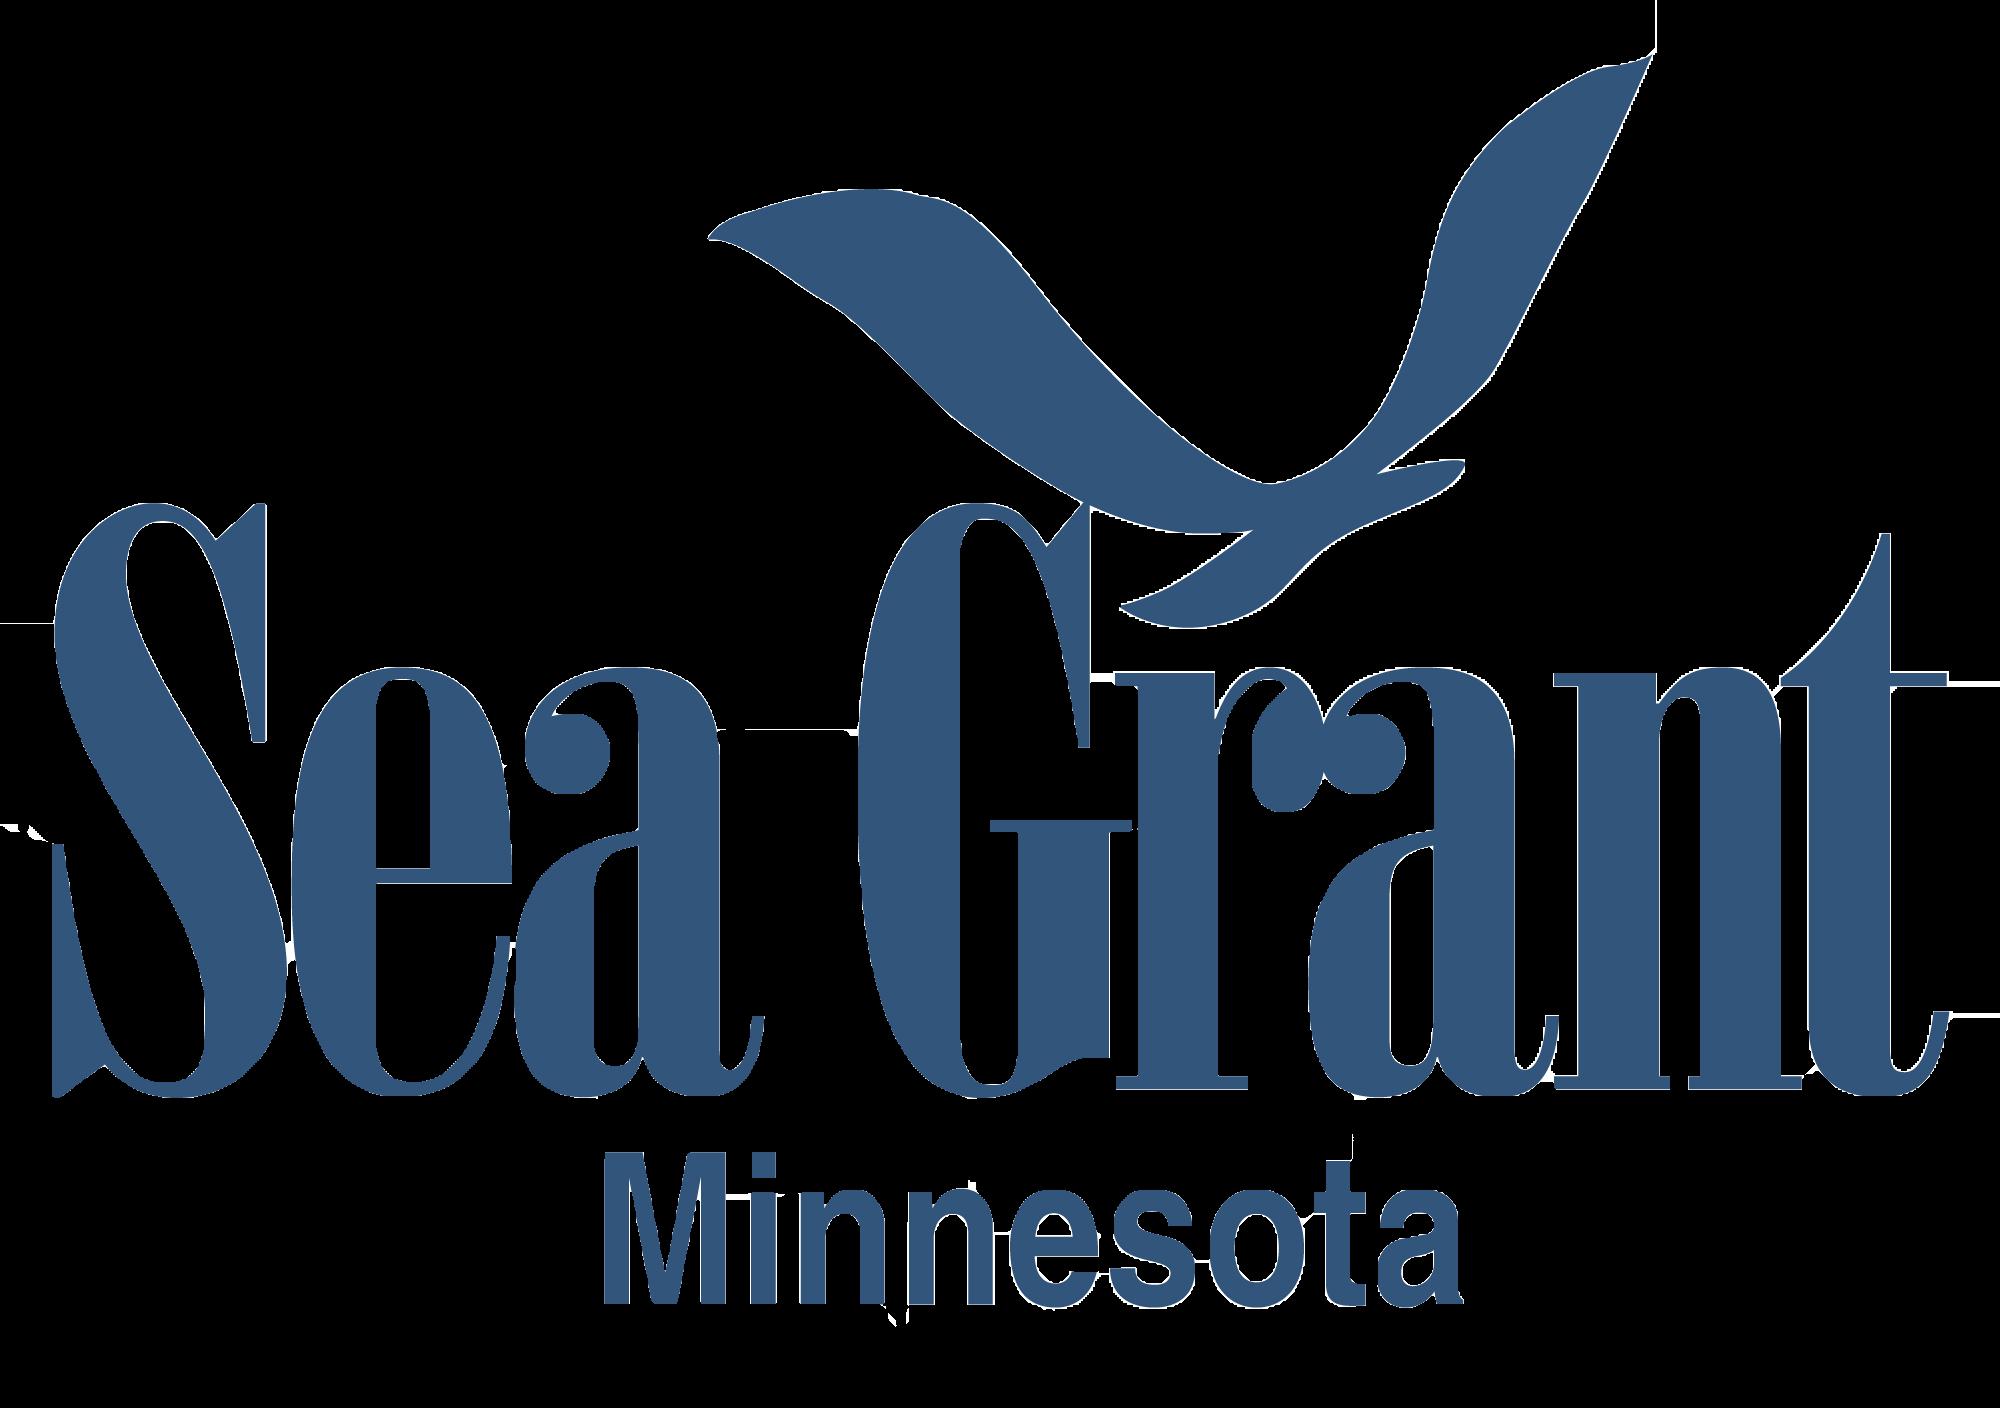 Sea Grant Minnesota